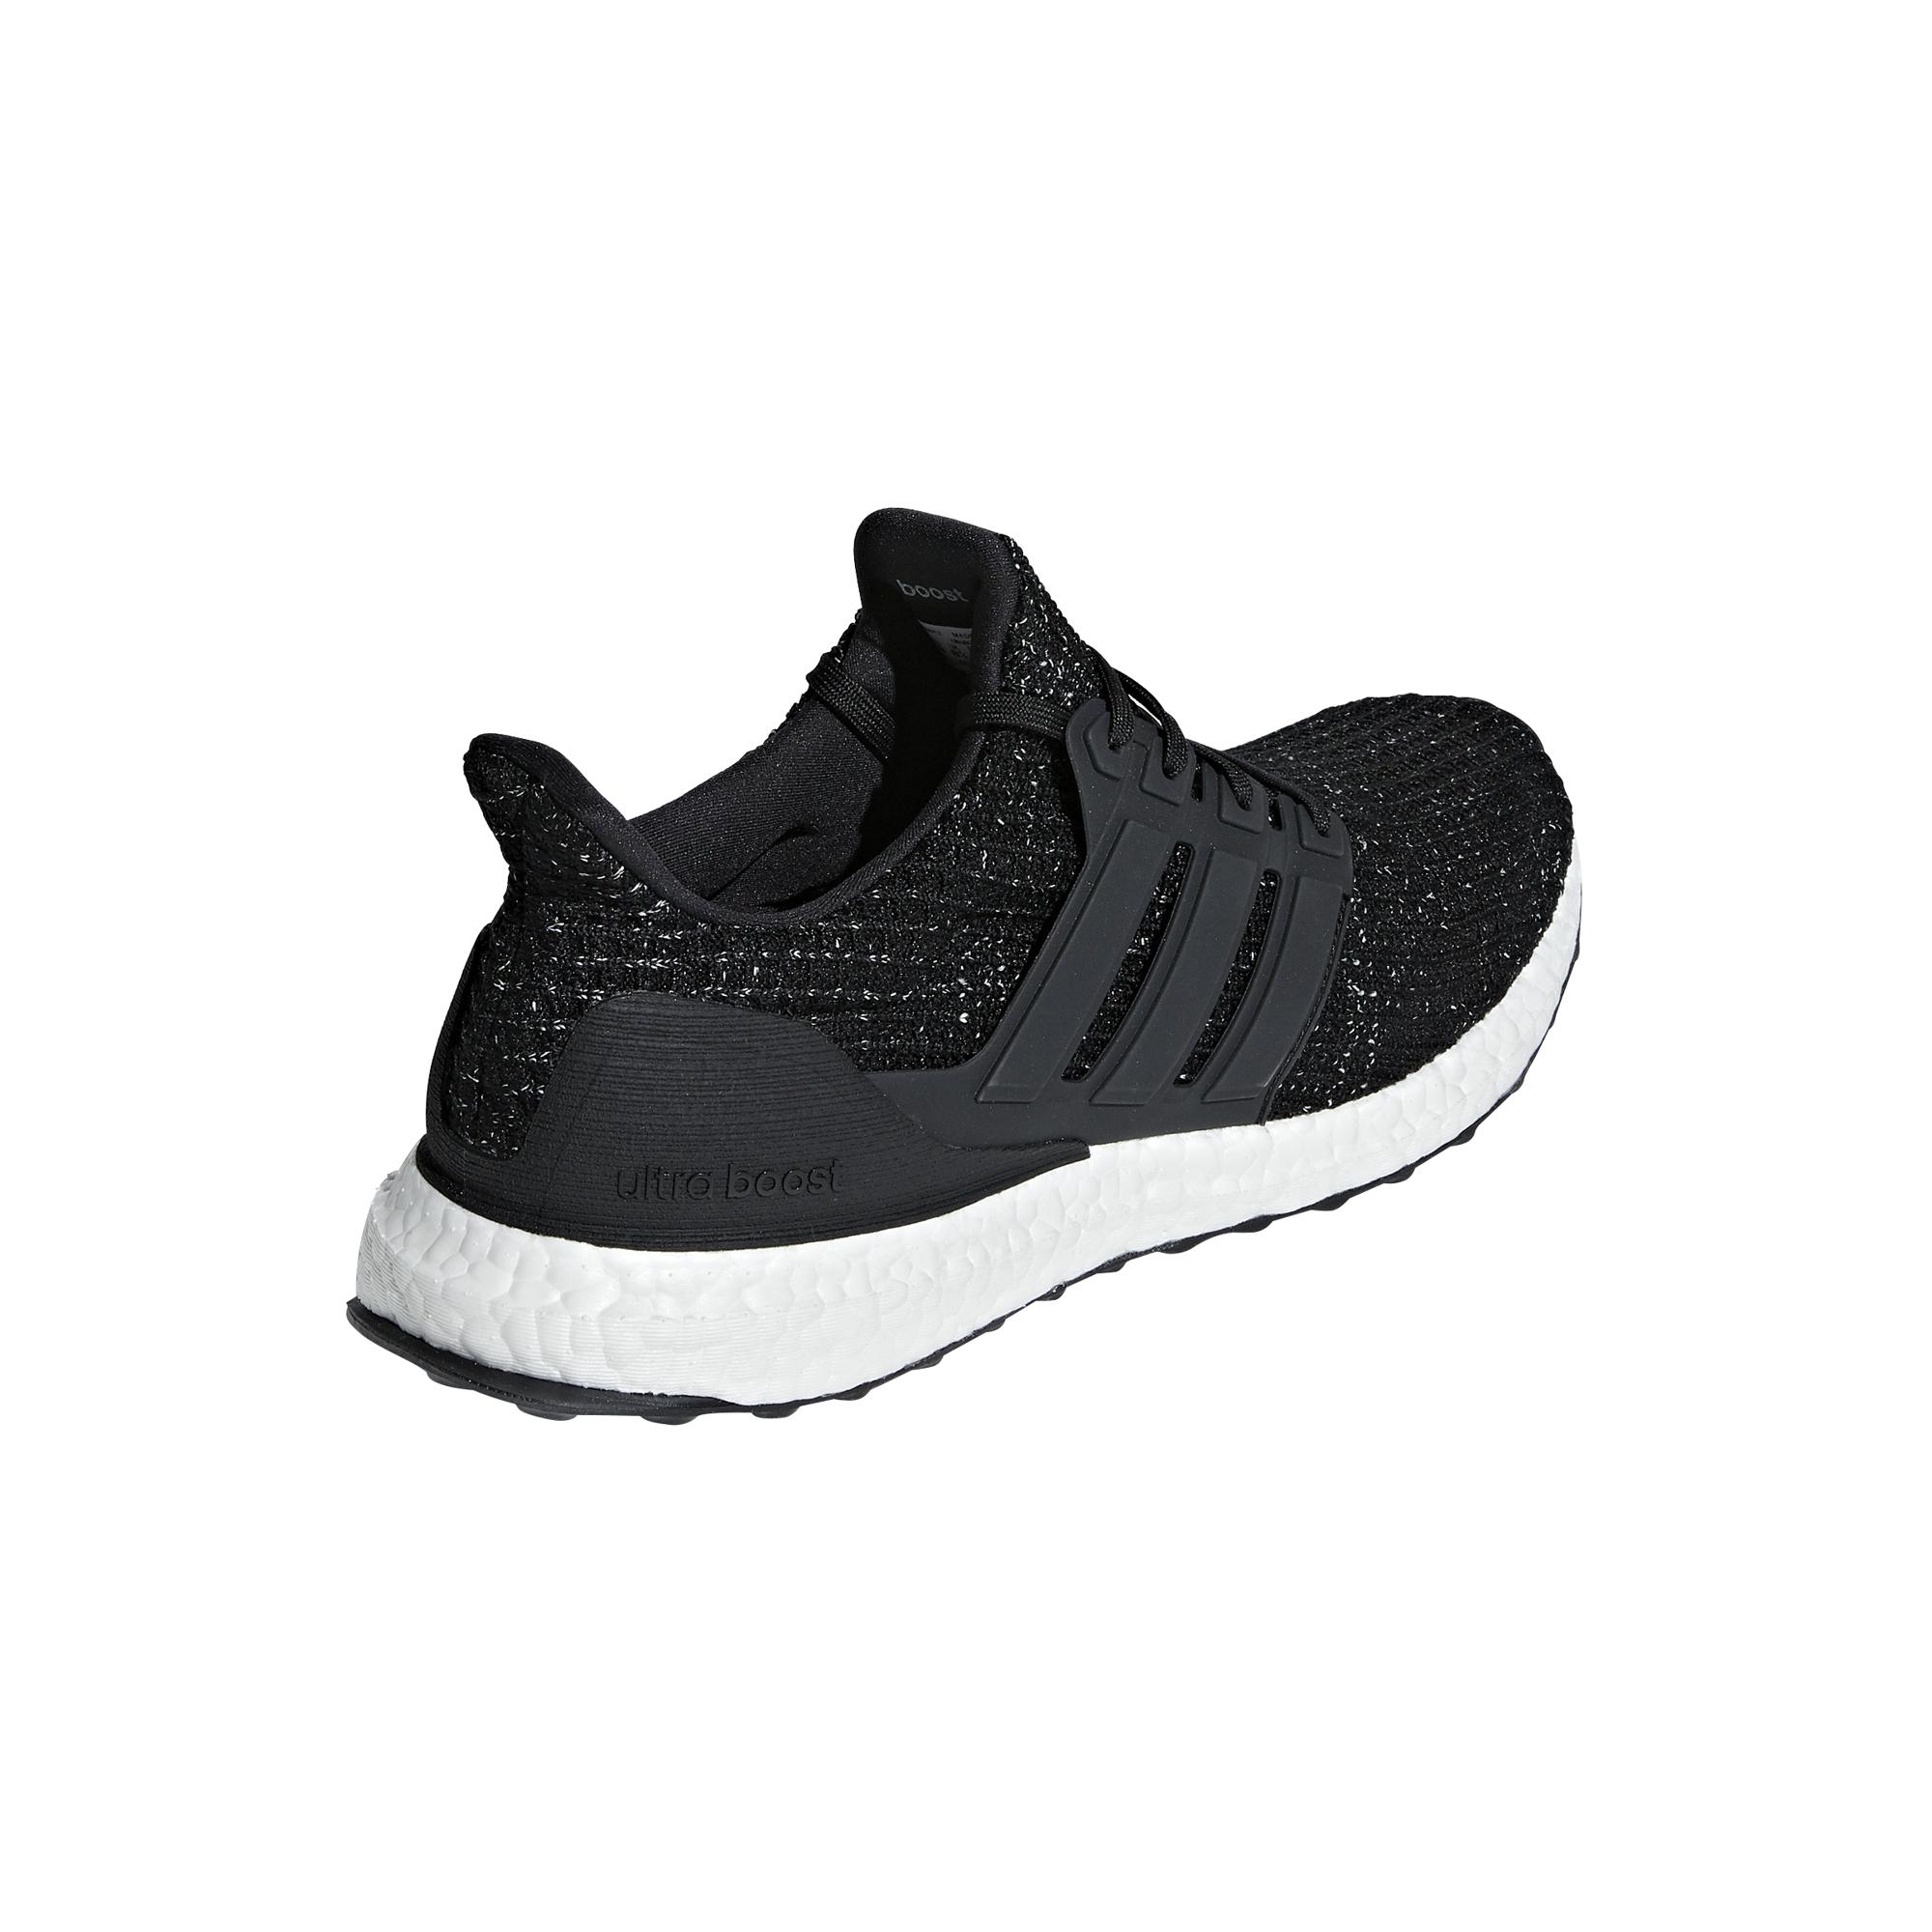 chaussures de séparation 9ecbd 8239d Chaussures adidas Ultraboost